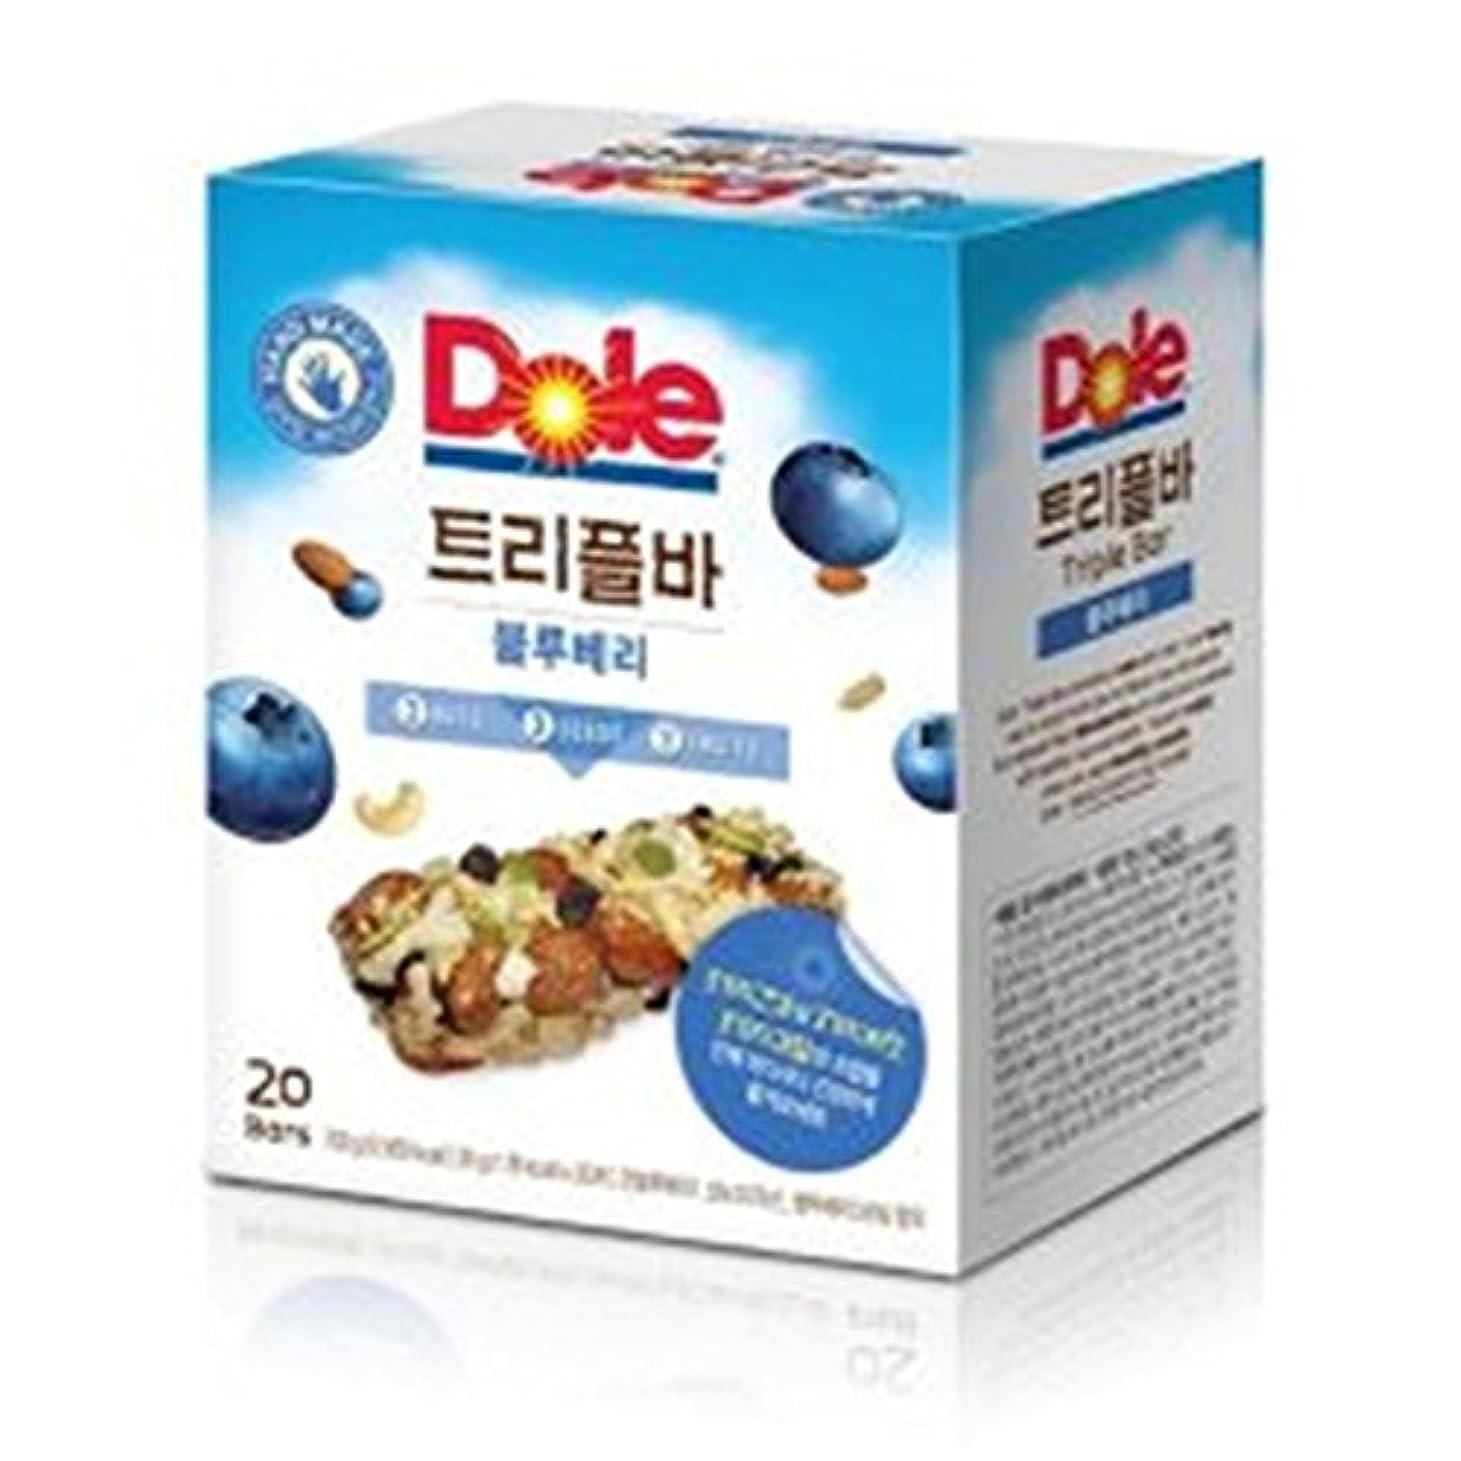 貴重なくつろぐ名前で[ドール/Dole] Dole Triple Barドールトリプルバーブルーベリー35g x20個/3つのナットと3つのフルーツ、3つの種子で作成は栄養がたっぷり詰まったDiet Bar穀物バー/シリアル/栄養バー[健康...